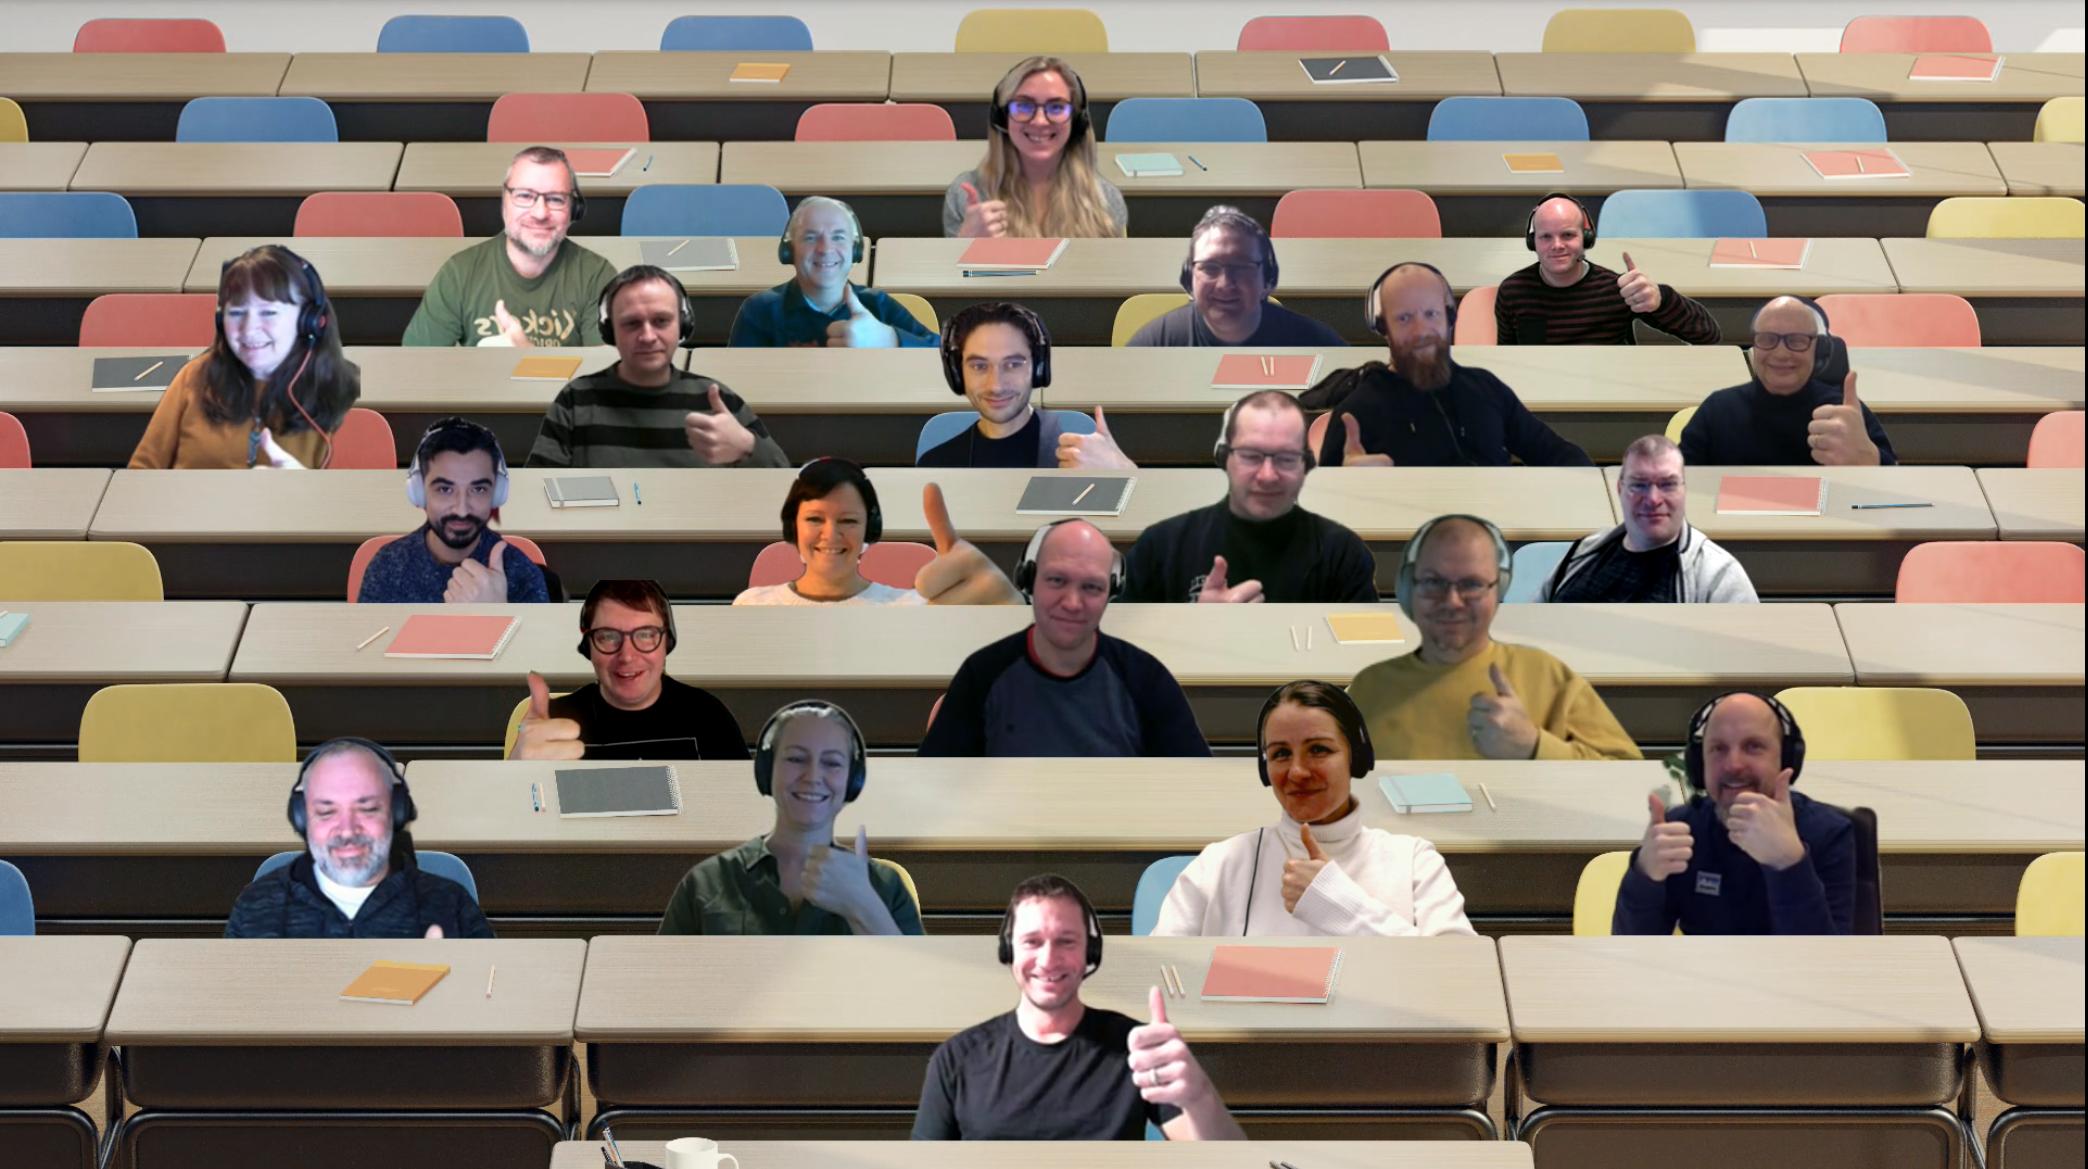 """Fellesbilde av ansatte i ItumX tatt fra et """"klasserom"""" i Teams."""